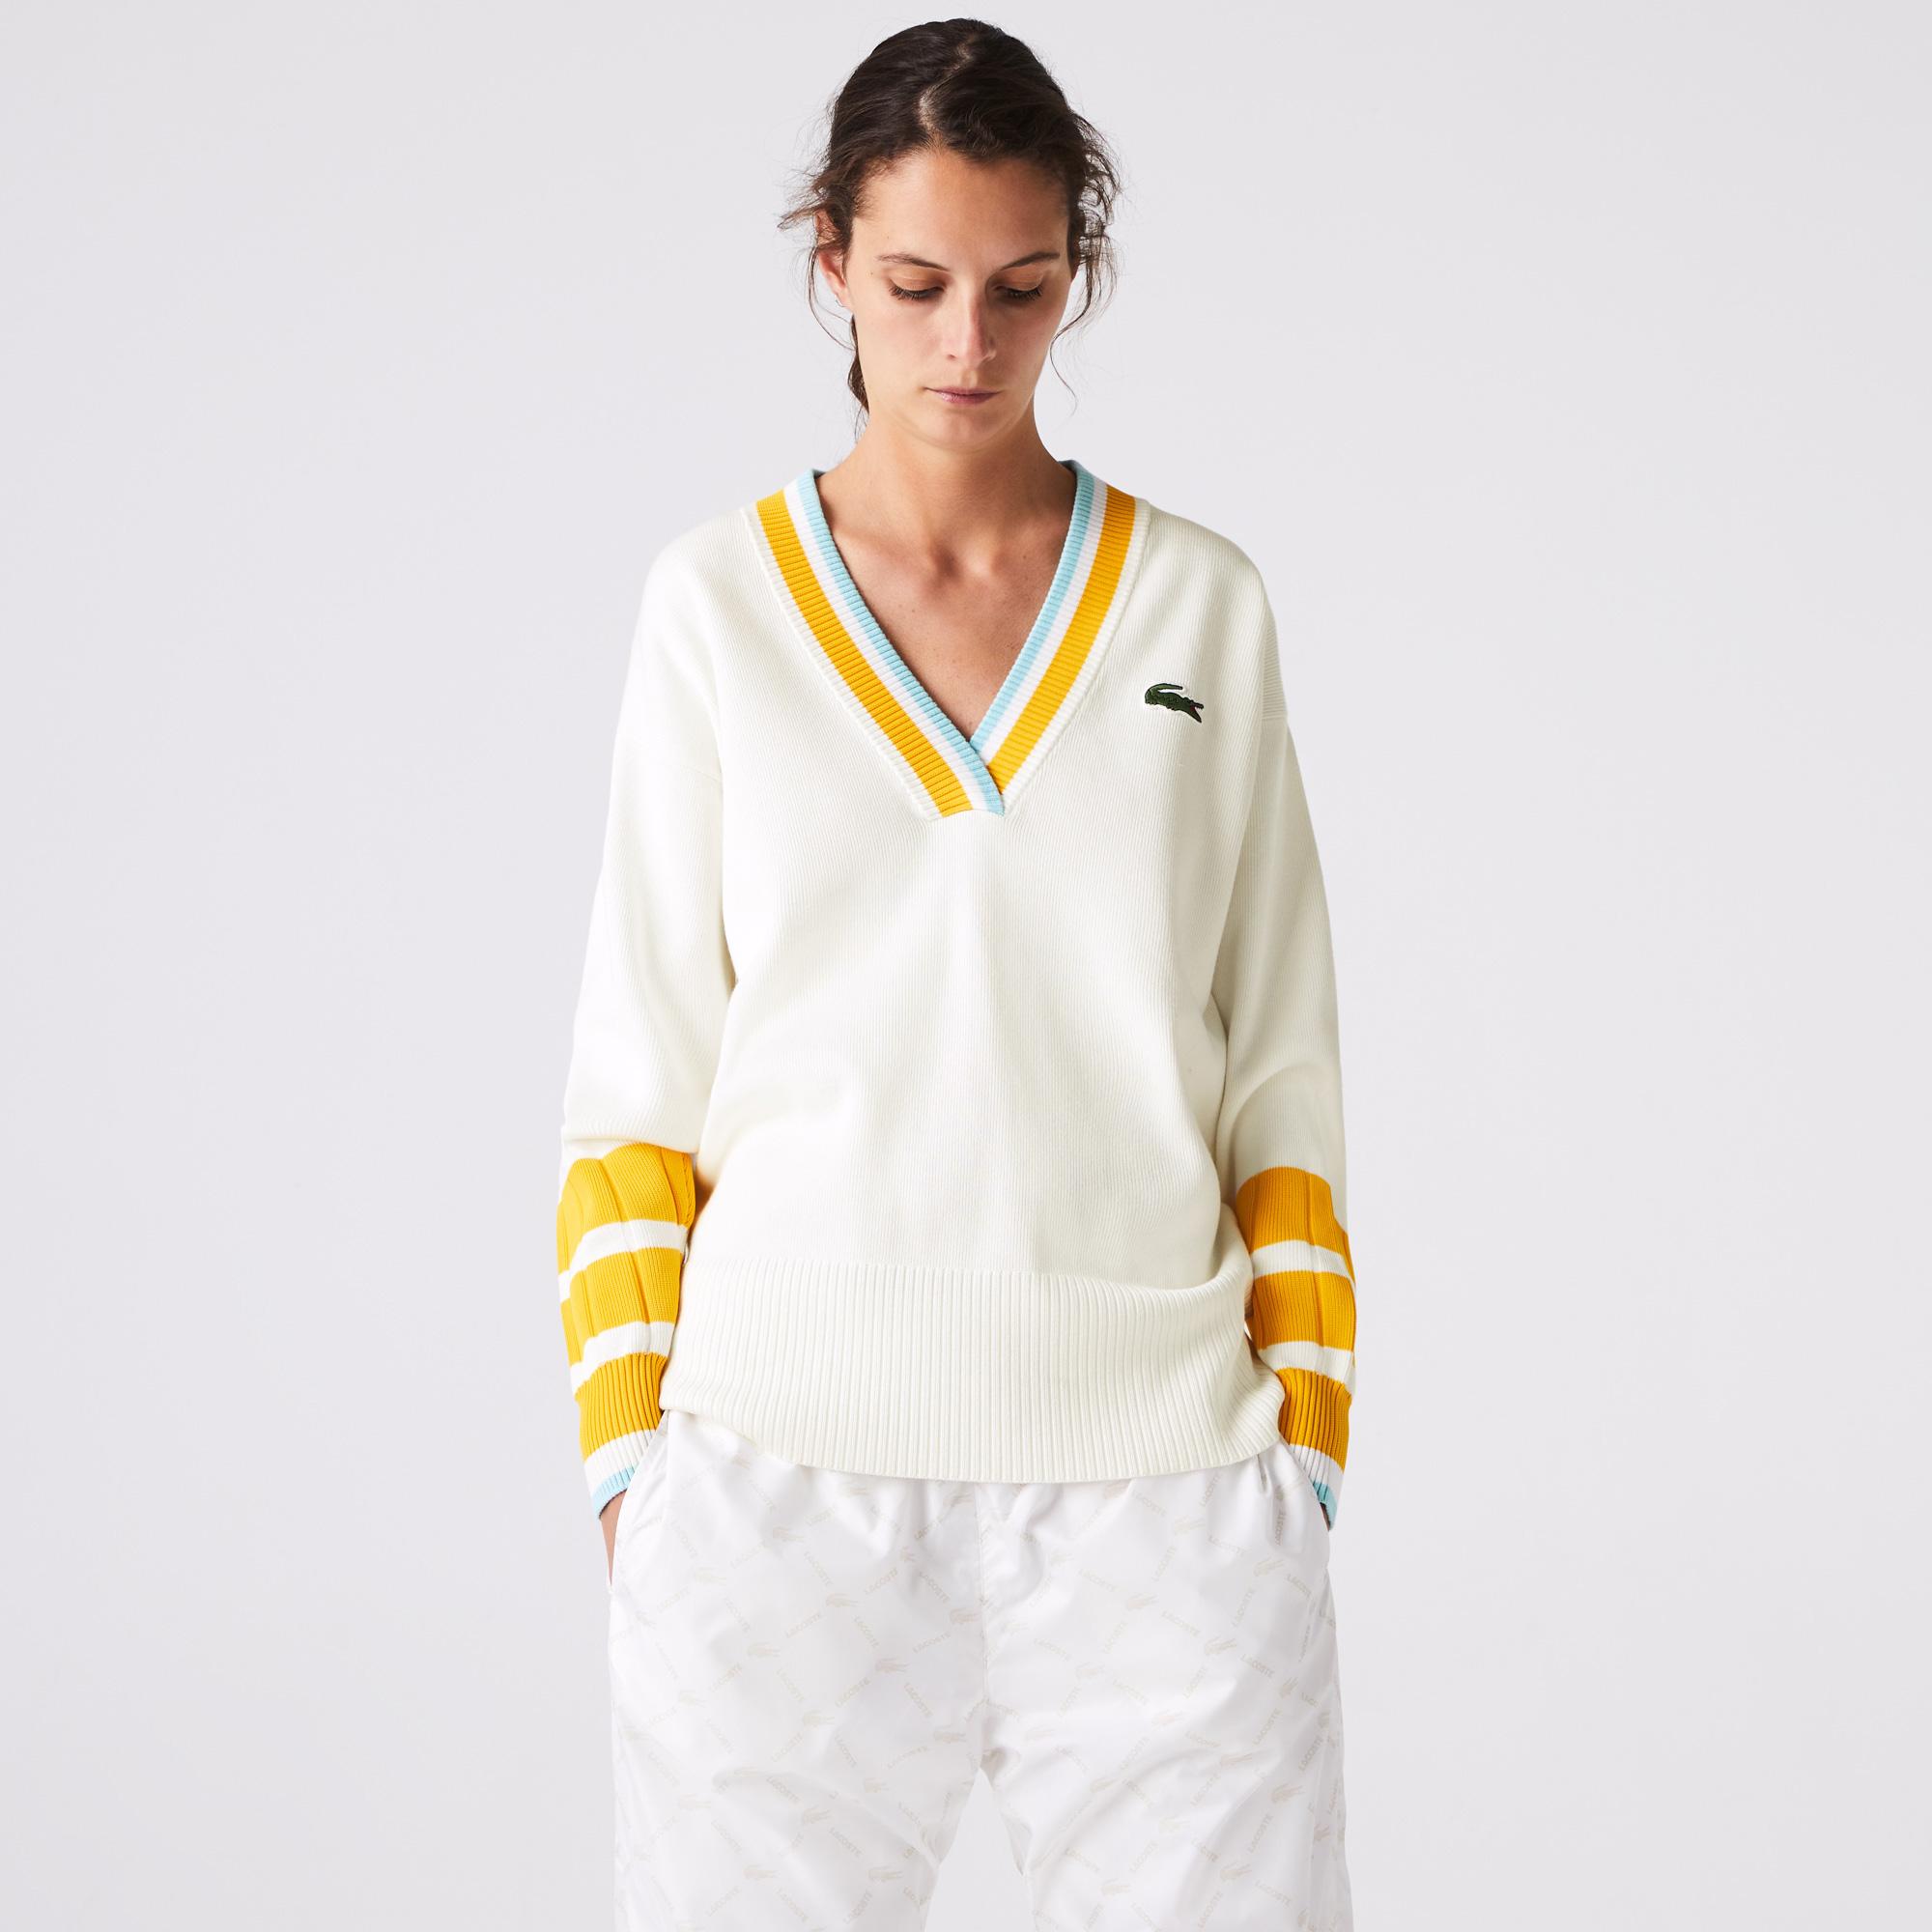 Lacoste Damski Sweter Z Dekoltem W Kształcie Litery V O Luźnym Kroju Z Mieszanki Bawełny